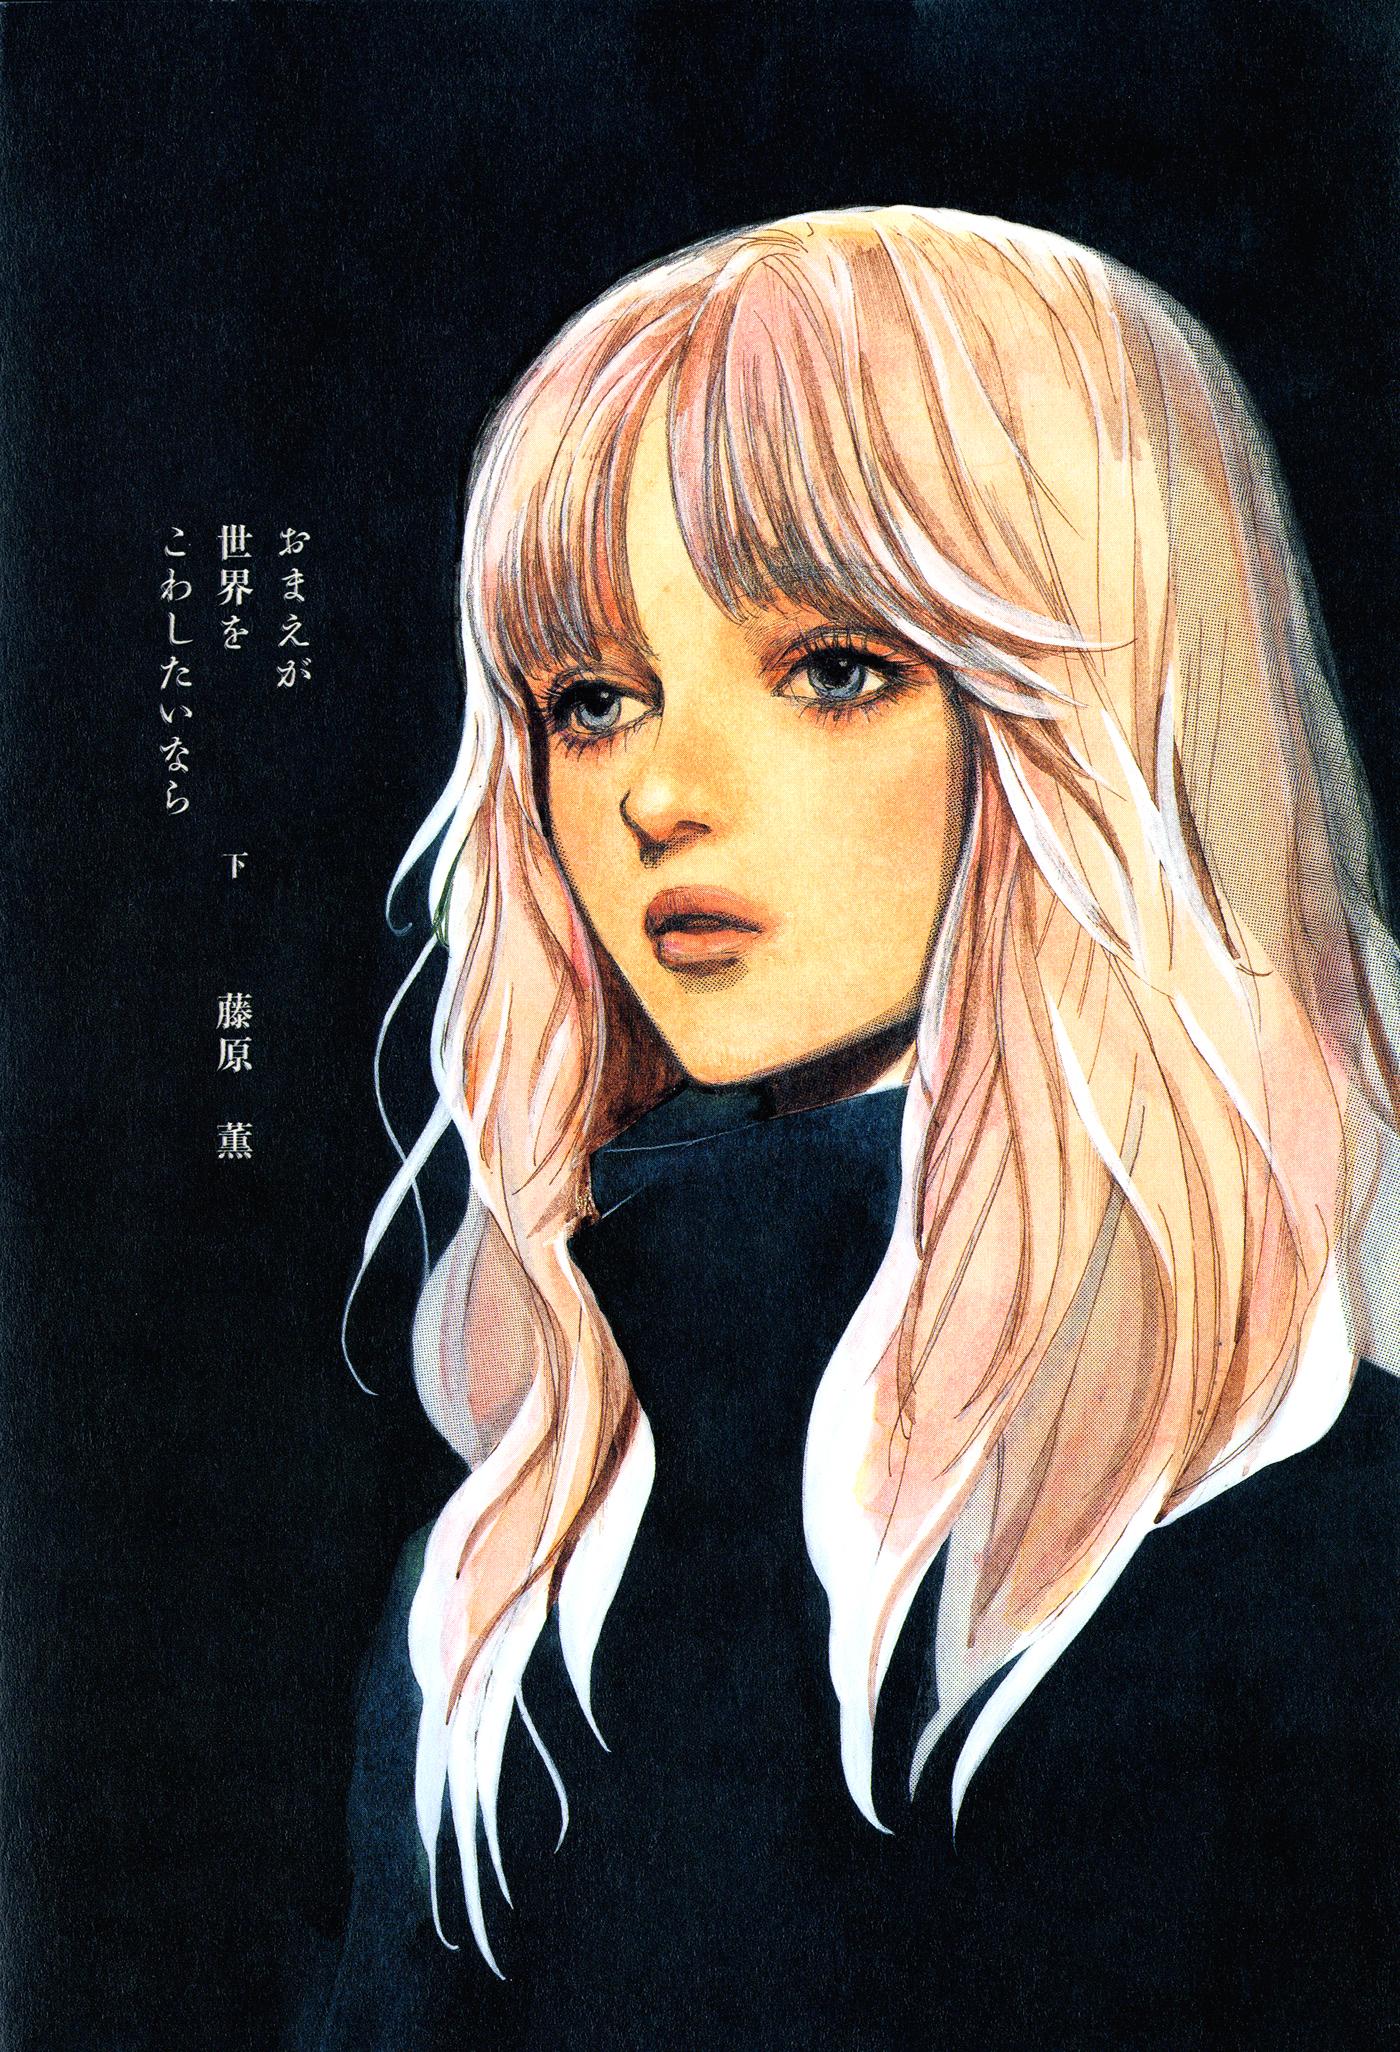 fujiwara kaoru plagiarism